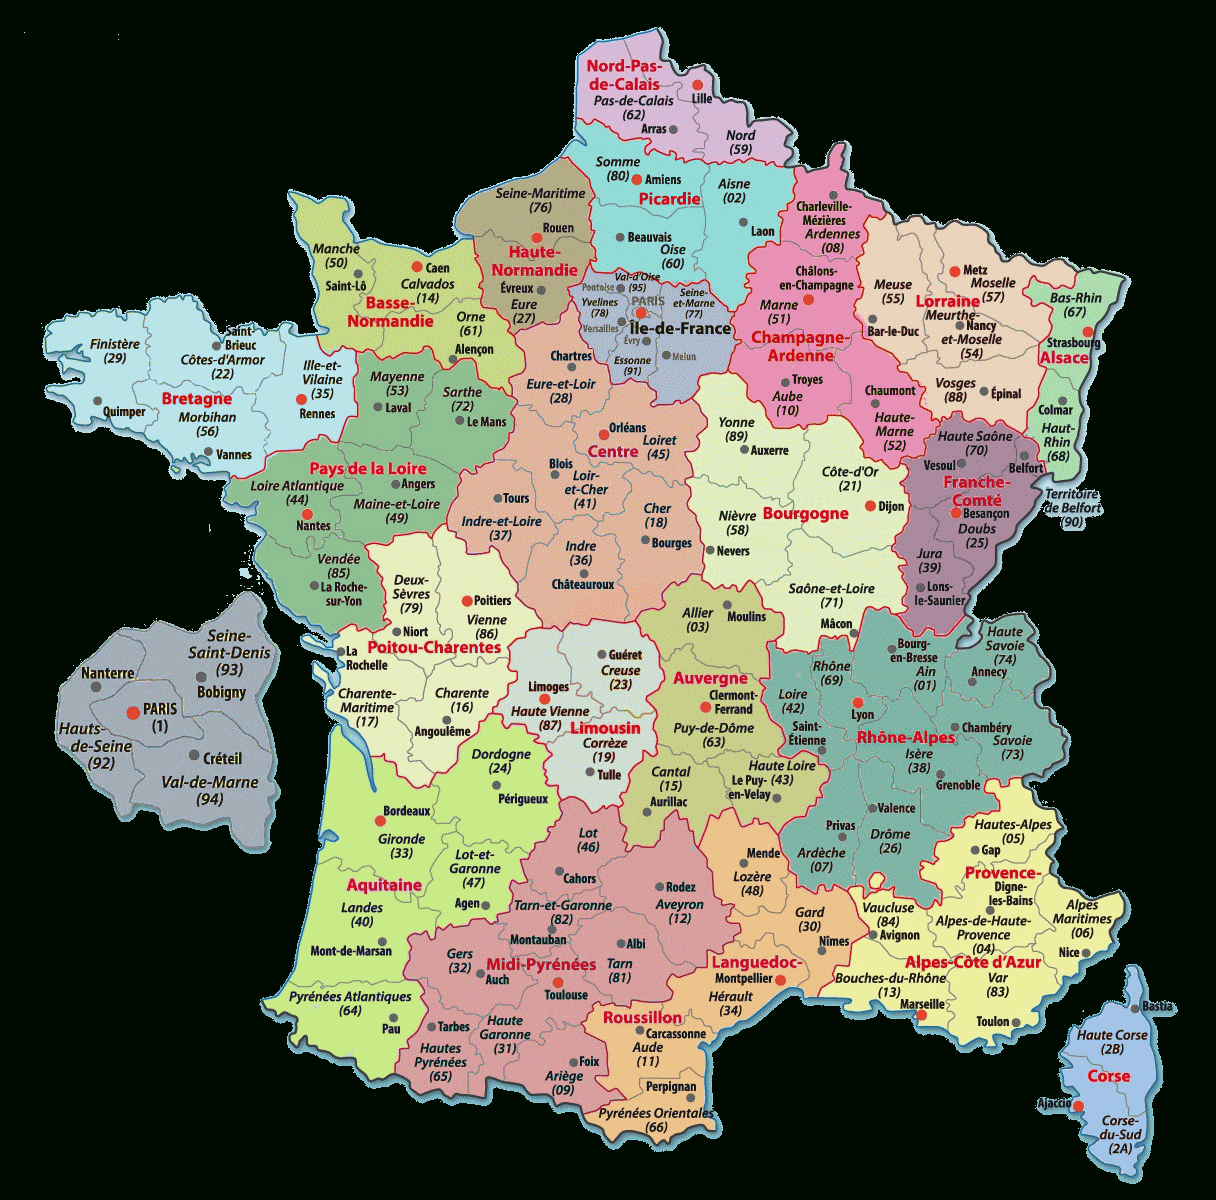 Carte De France Departements : Carte Des Départements De France destiné Carte Departement Francais Avec Villes